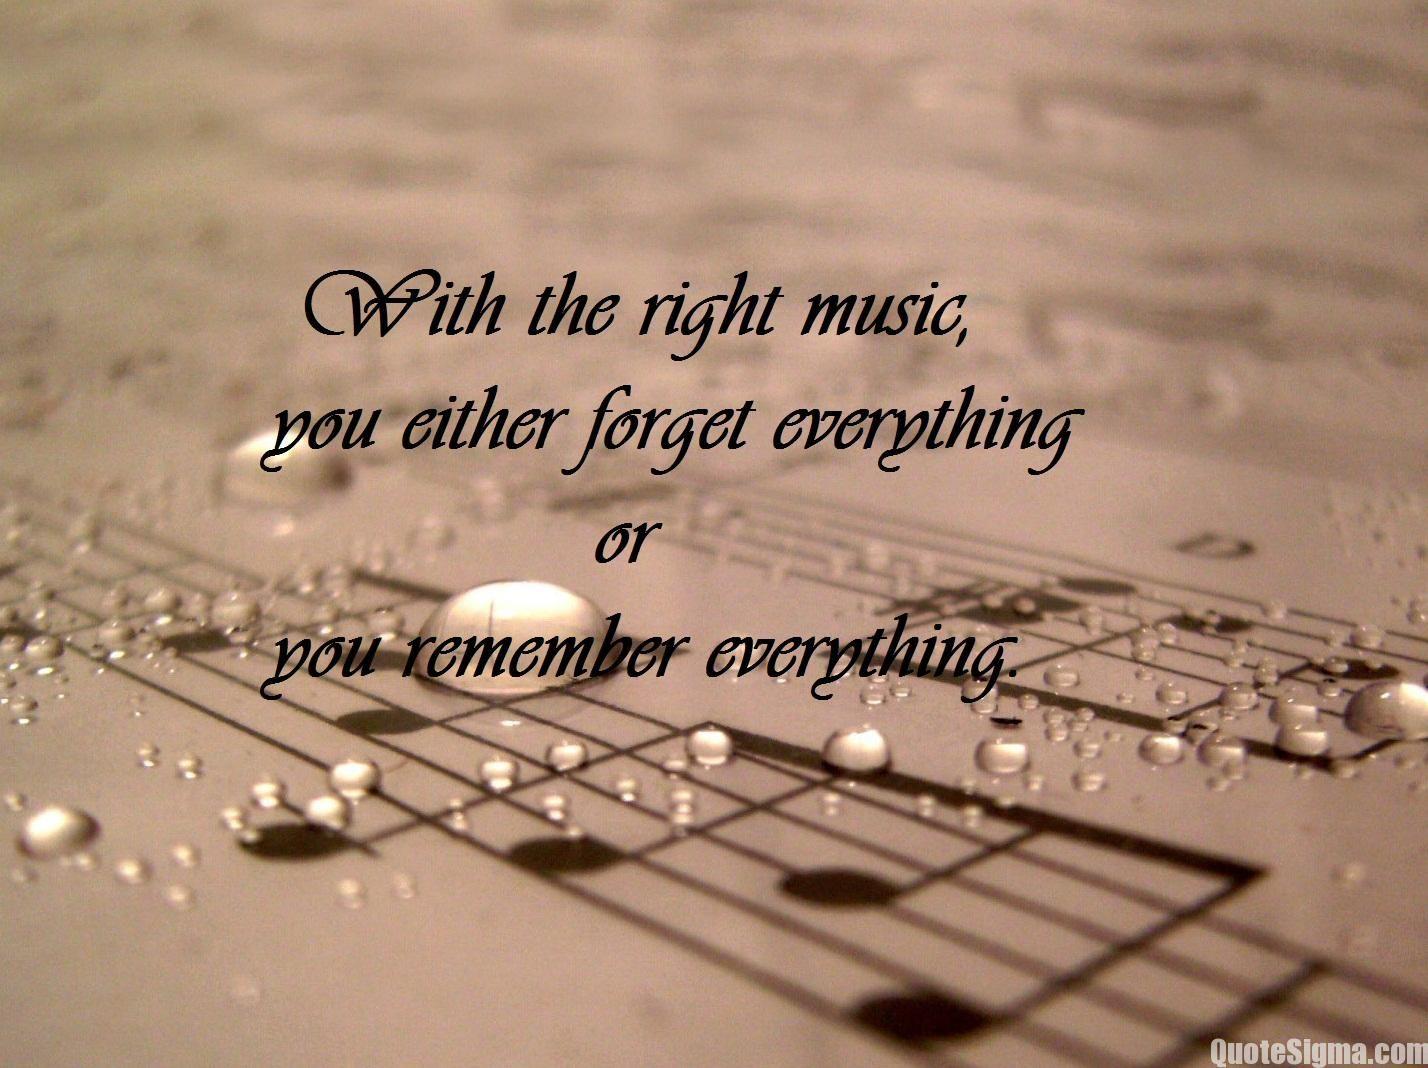 Music quotes   Quotes about Music   Quotes on Music   - Quote Sigma